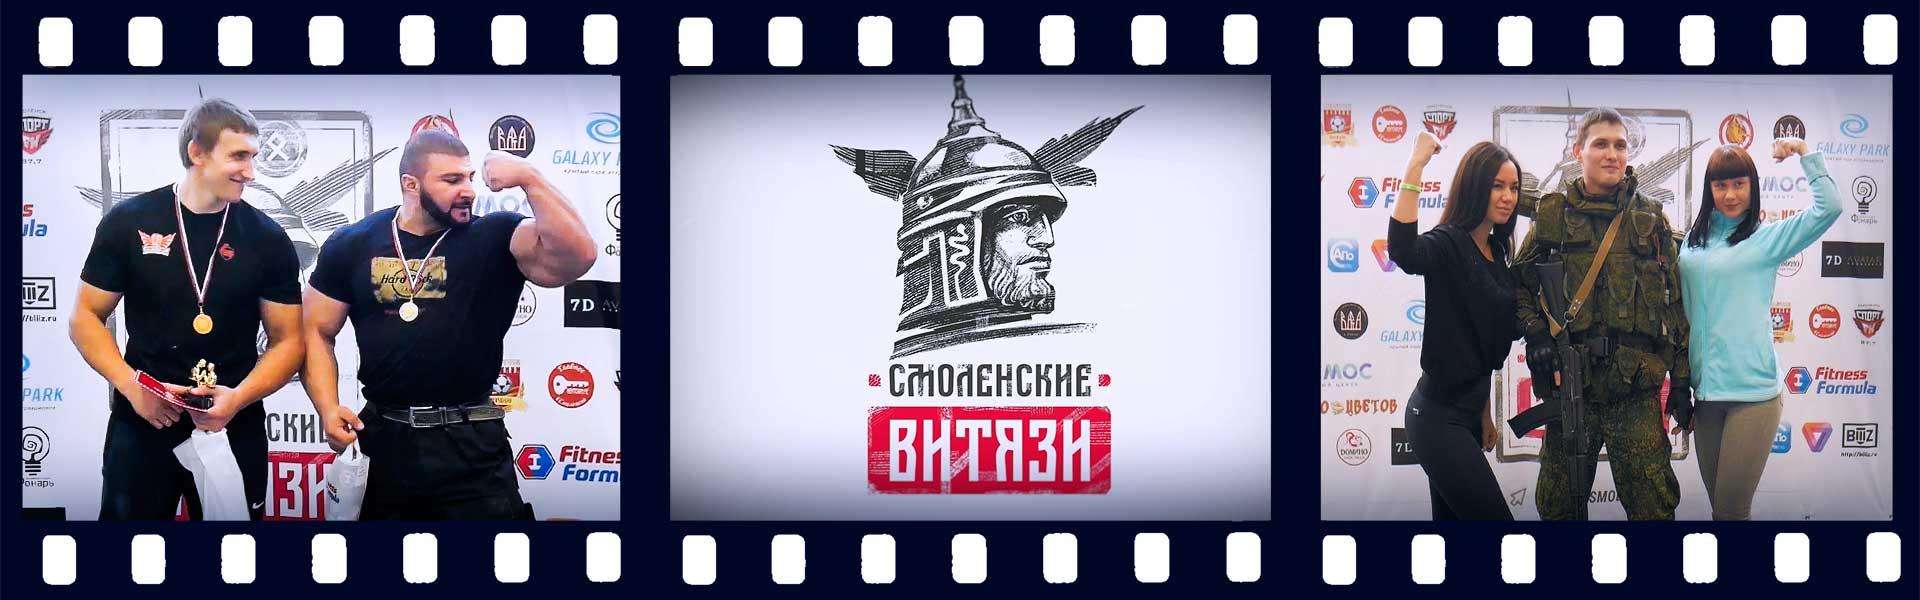 Видеорепортаж со спортивно-исторического фестиваля «Смоленские Витязи»